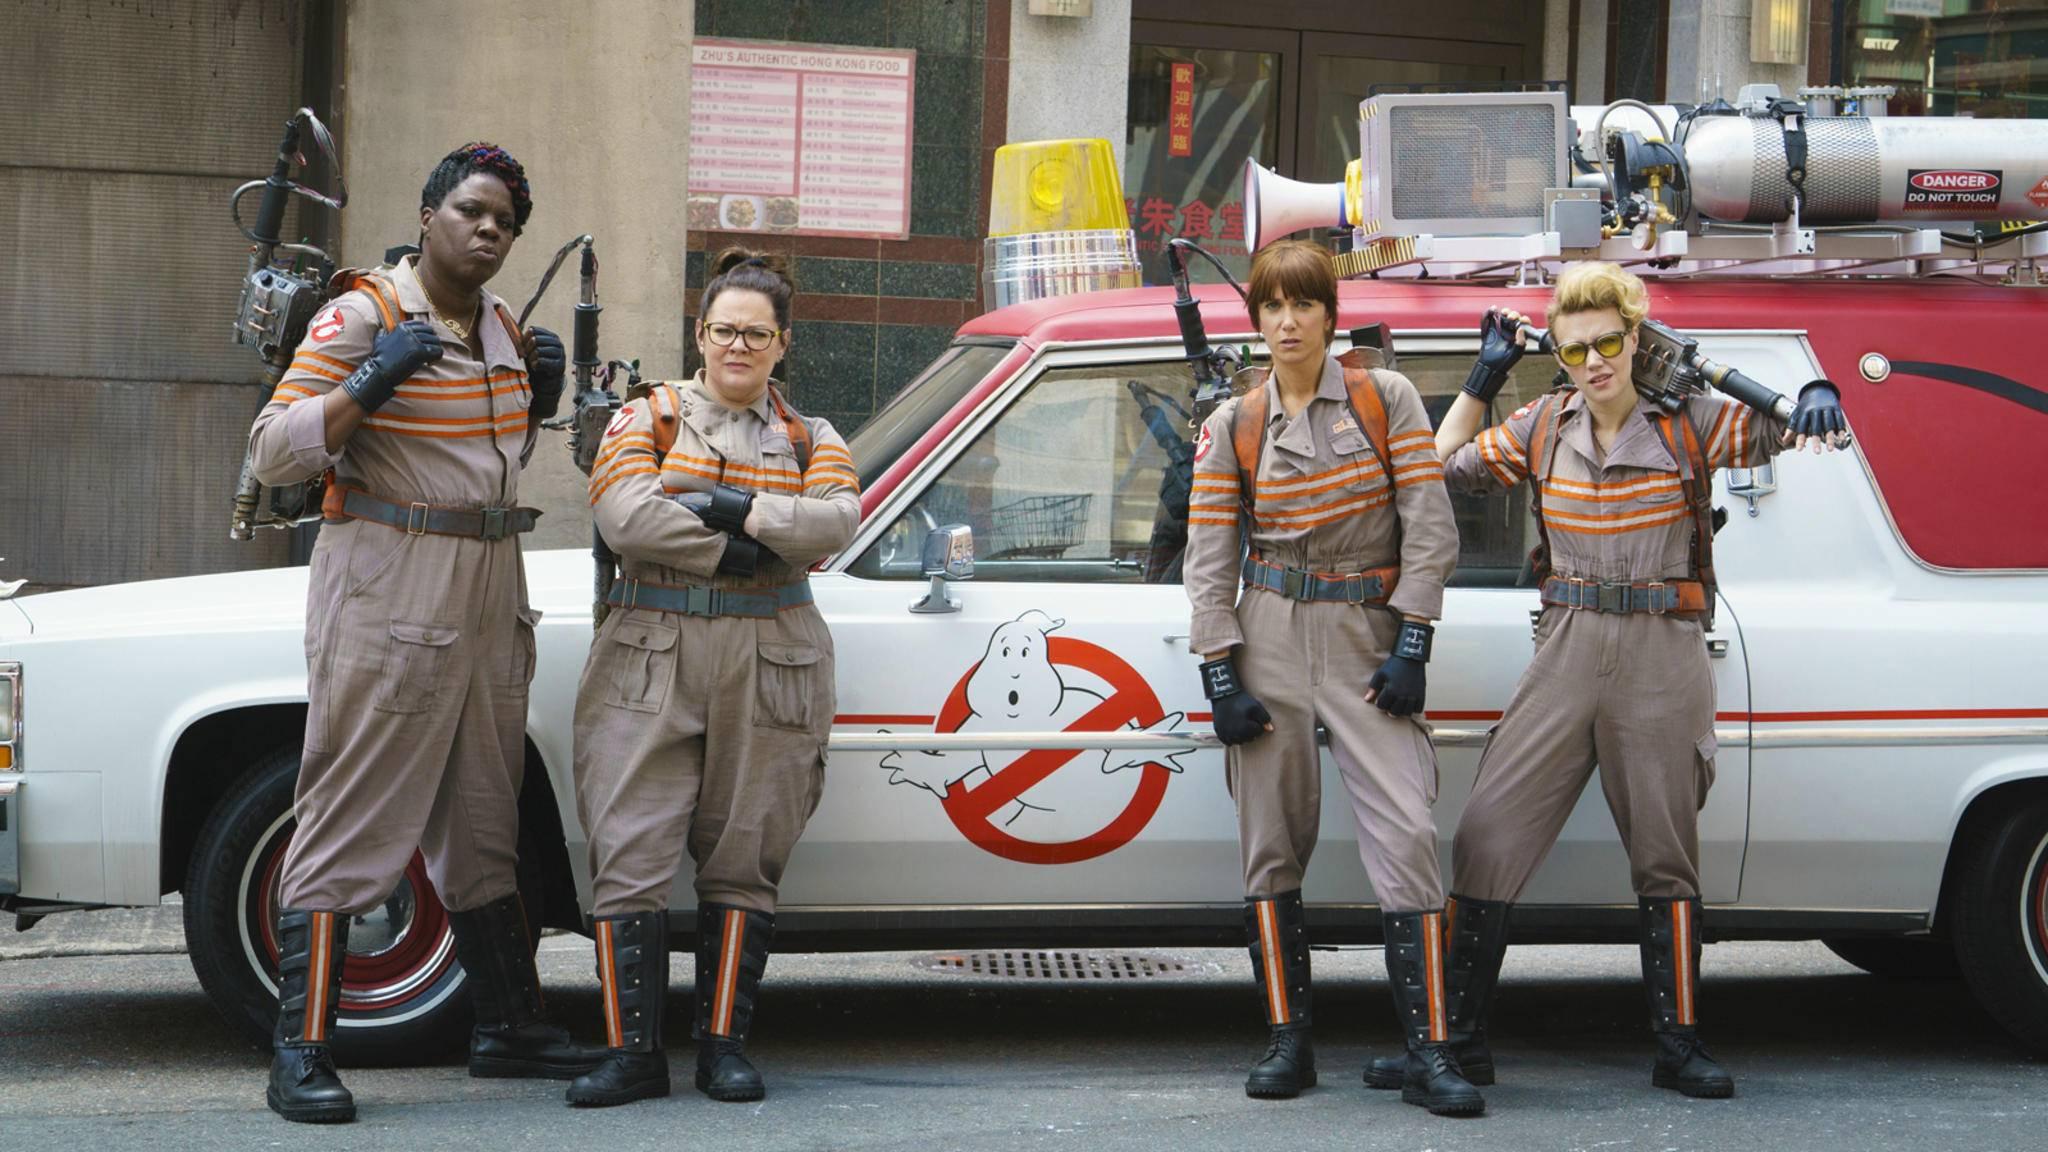 Glaubt man Regisseur Reitman, gehen Melissa McCarthy (2. von links) und Co. bald wieder auf Geisterjagd.